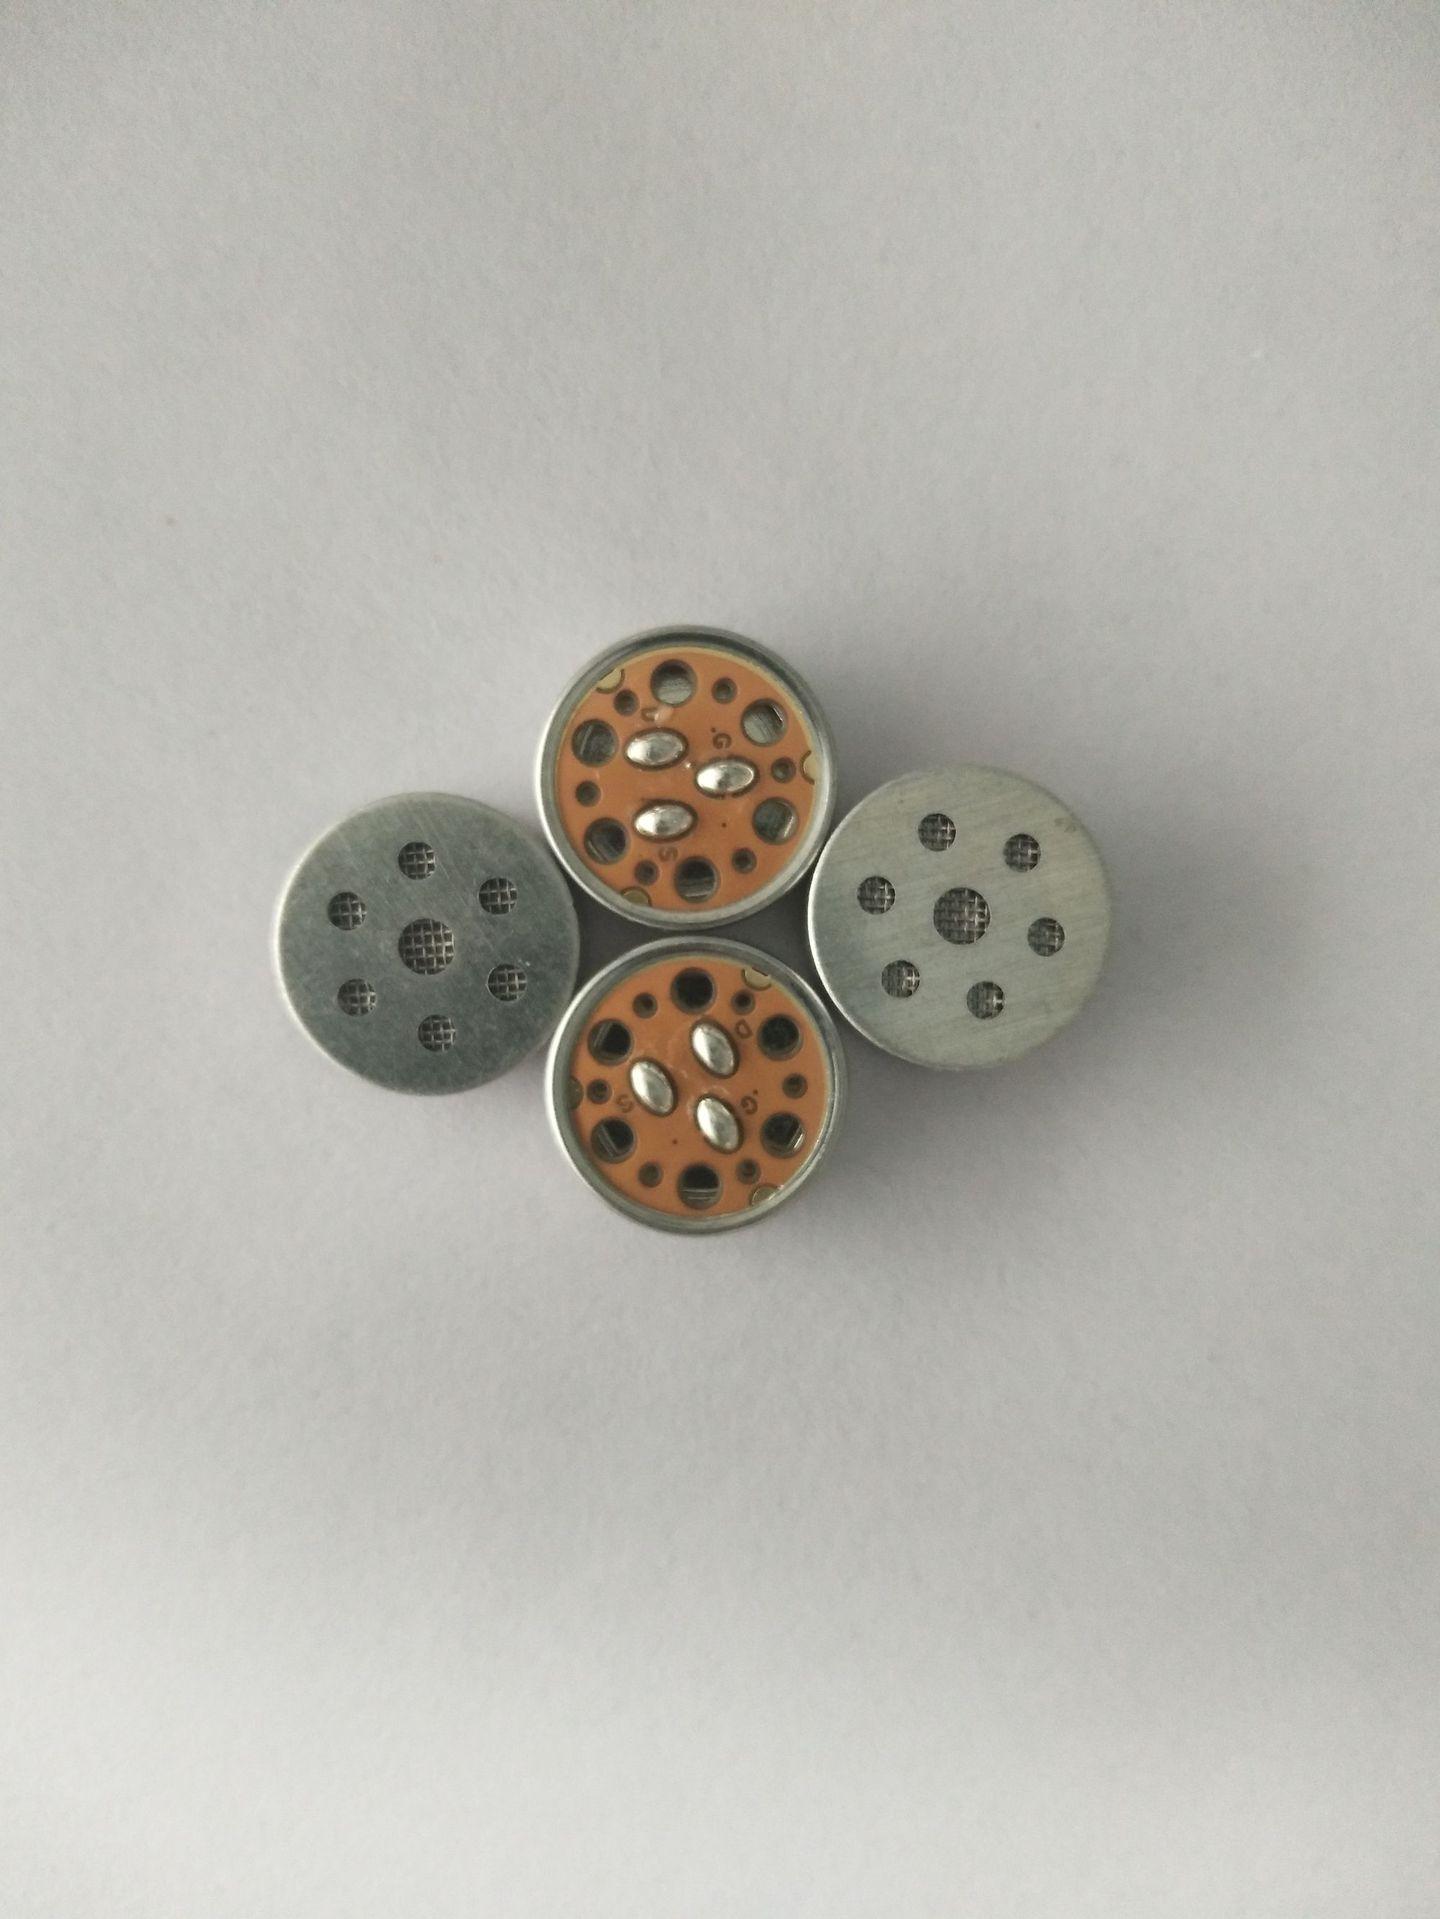 MEITAI Thiết bị điện âm Micrô thiết bị điện âm thanh micrô đơn 16mm trực tiếp